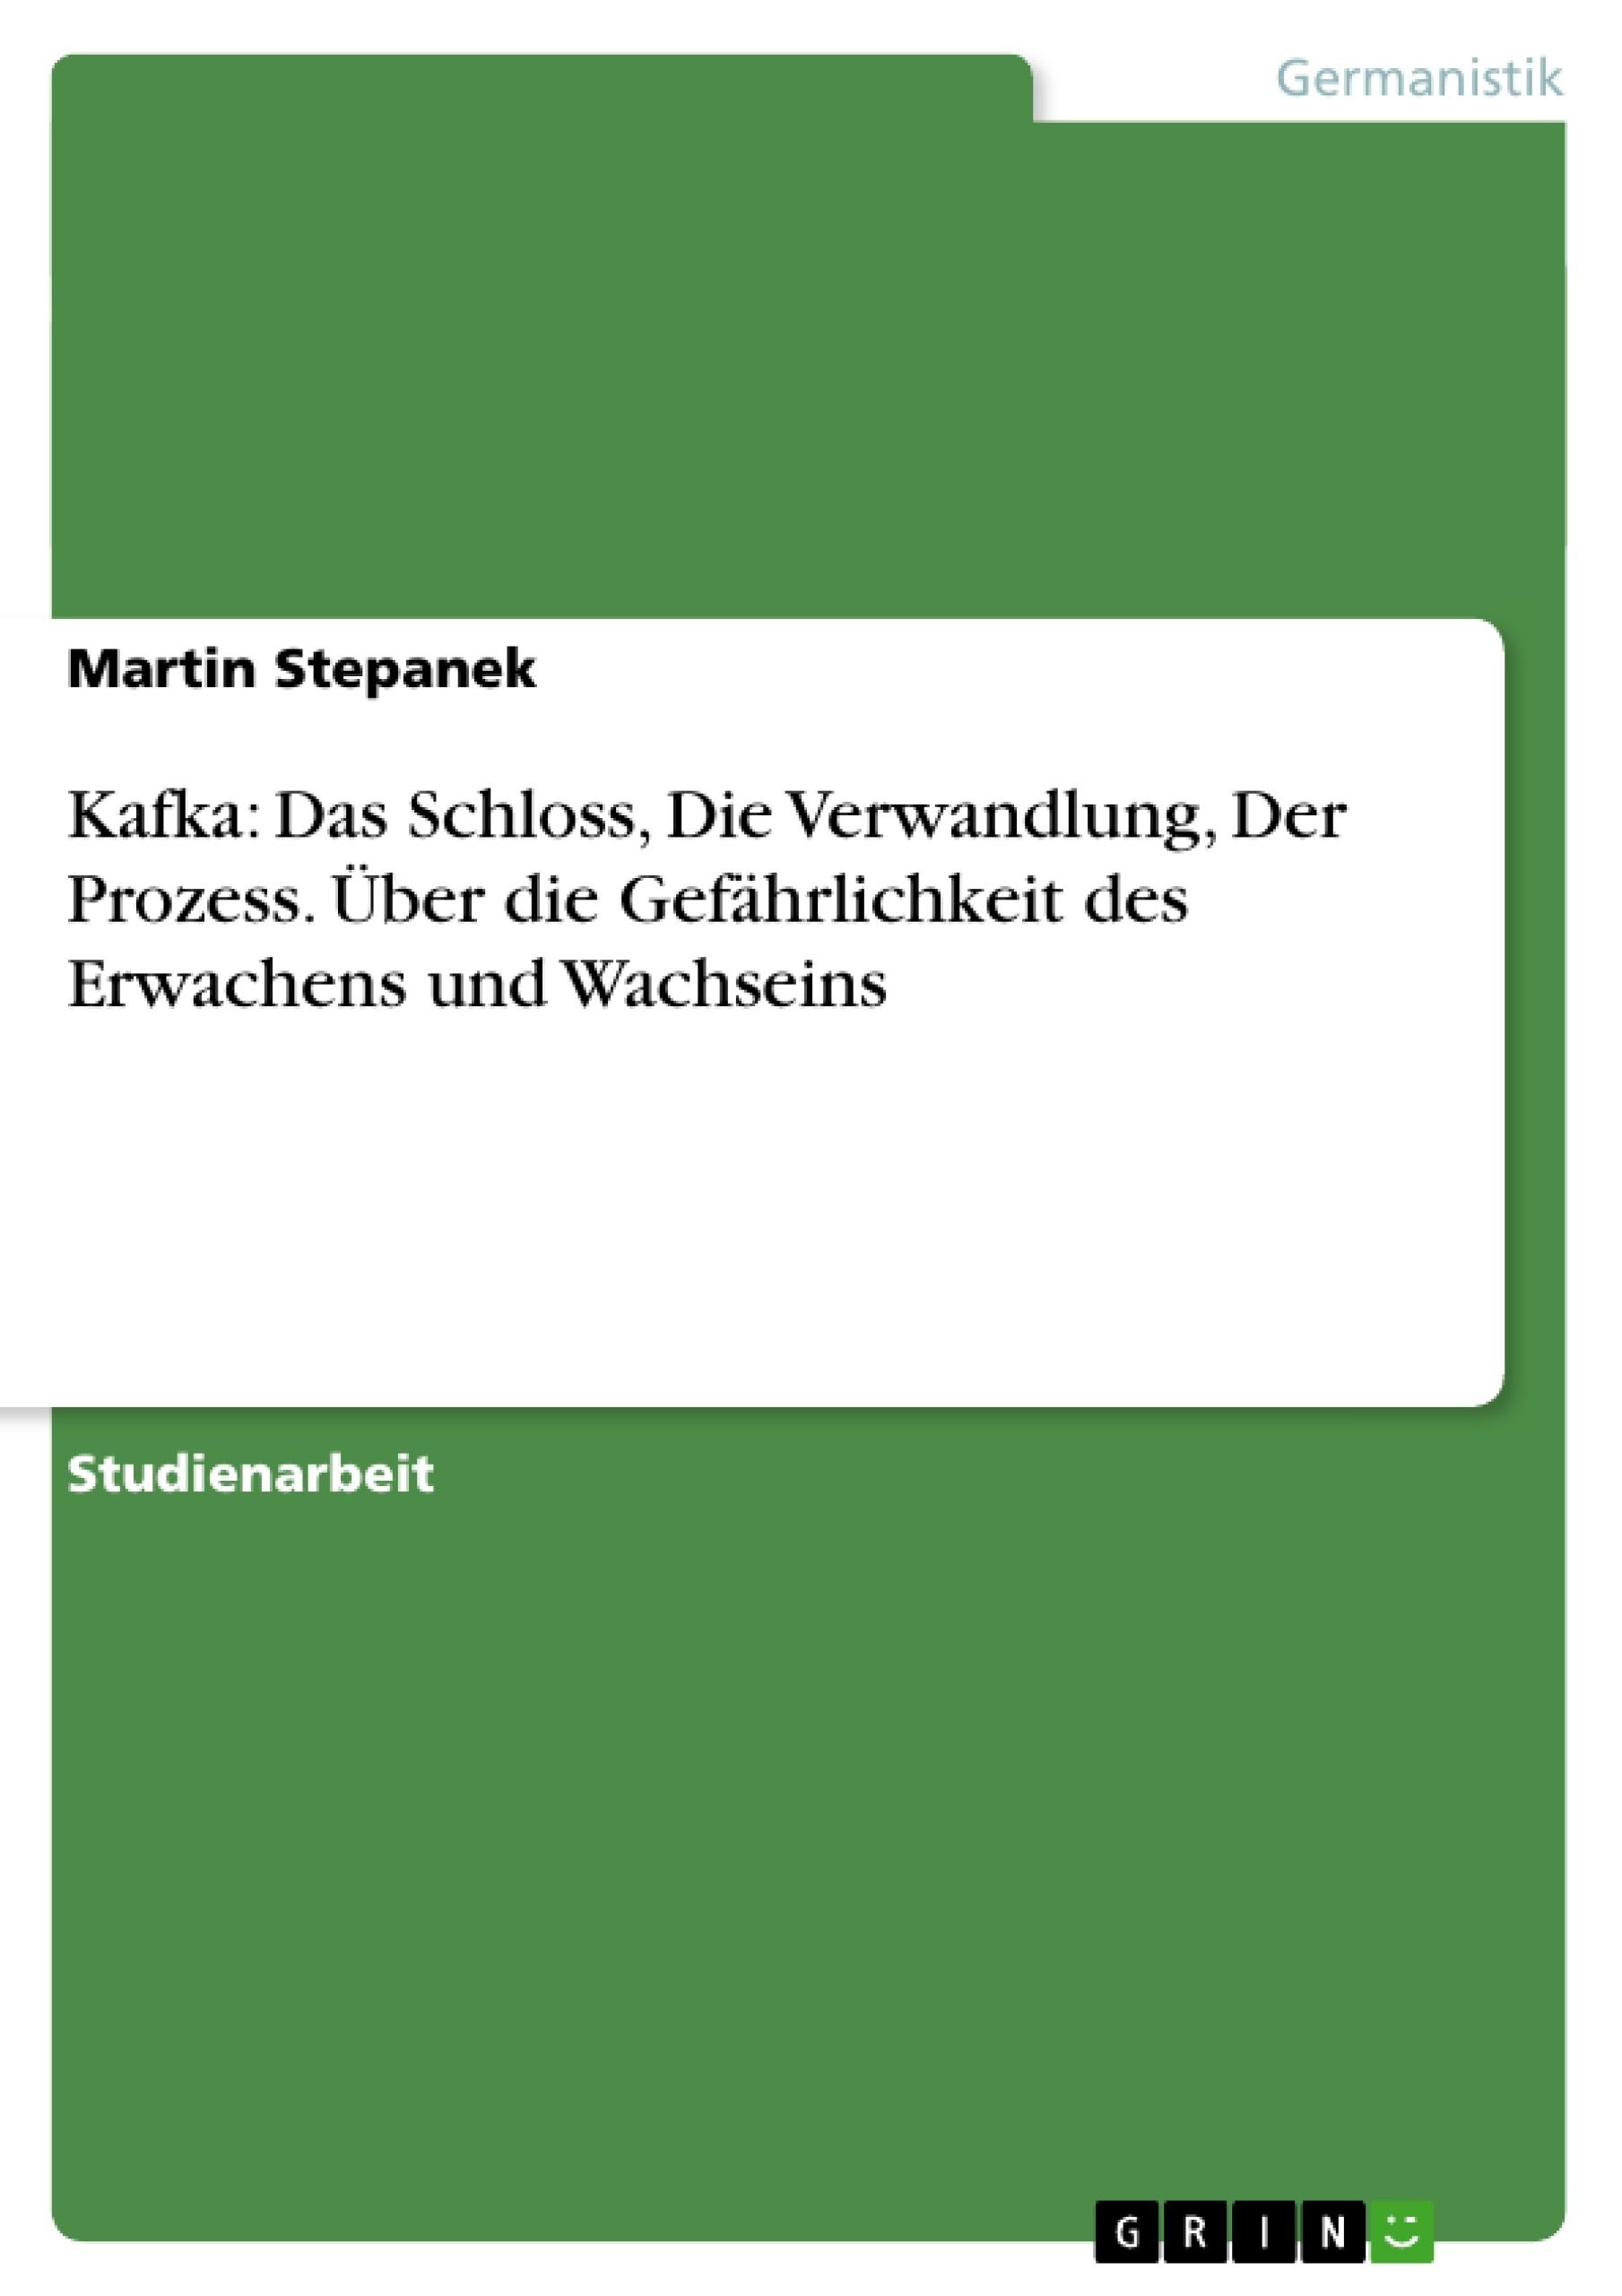 Titel: Kafka: Das Schloss, Die Verwandlung, Der Prozess. Über die Gefährlichkeit des Erwachens und Wachseins